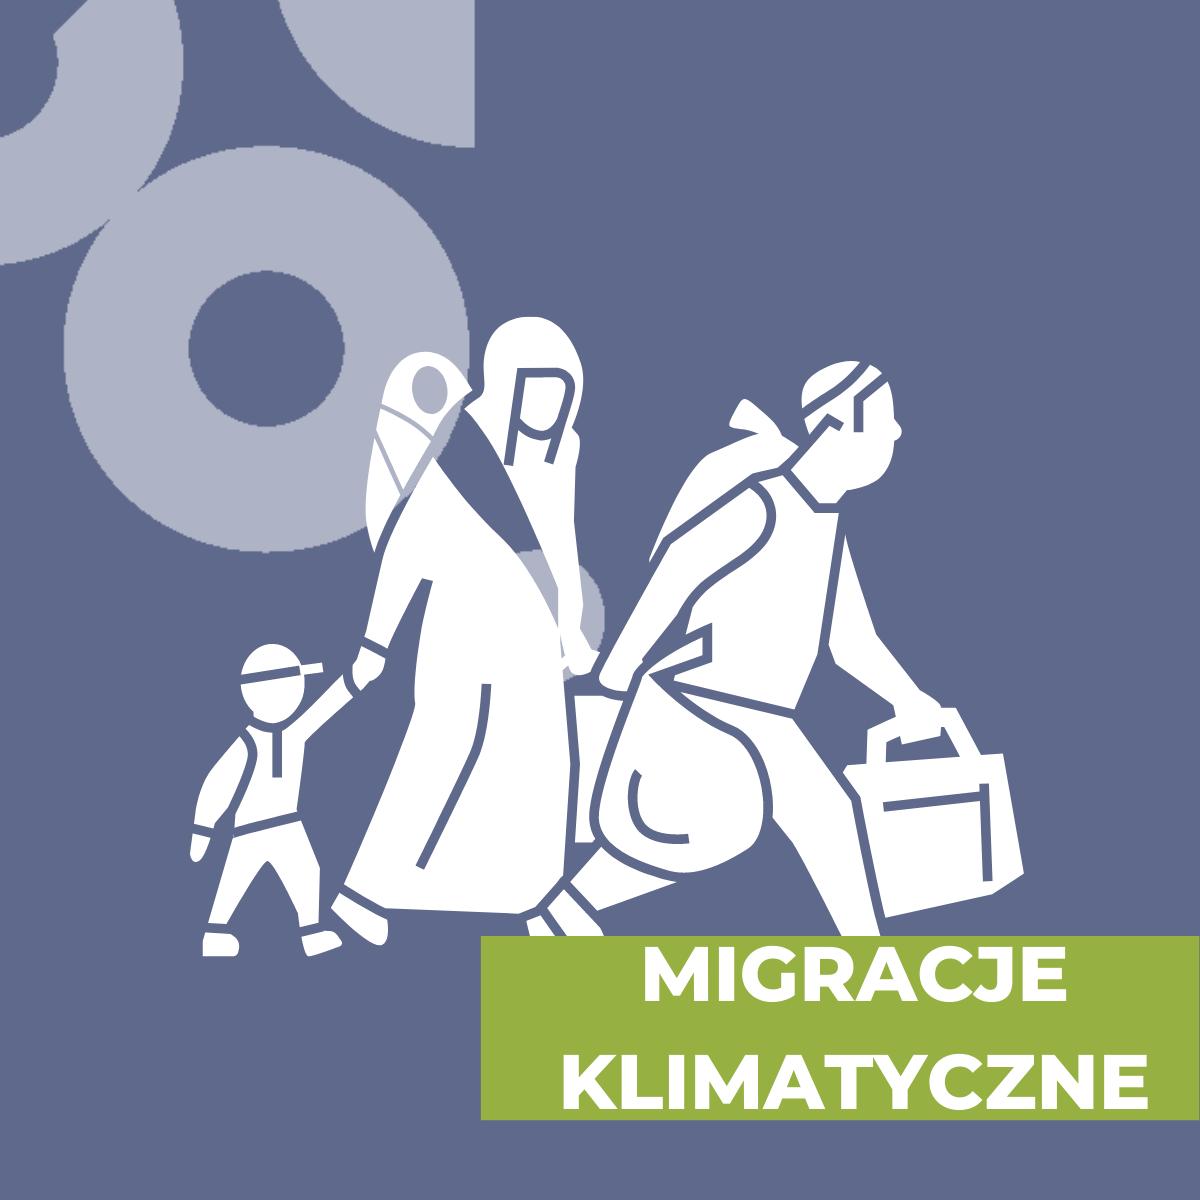 Migracje klimatyczne CEO